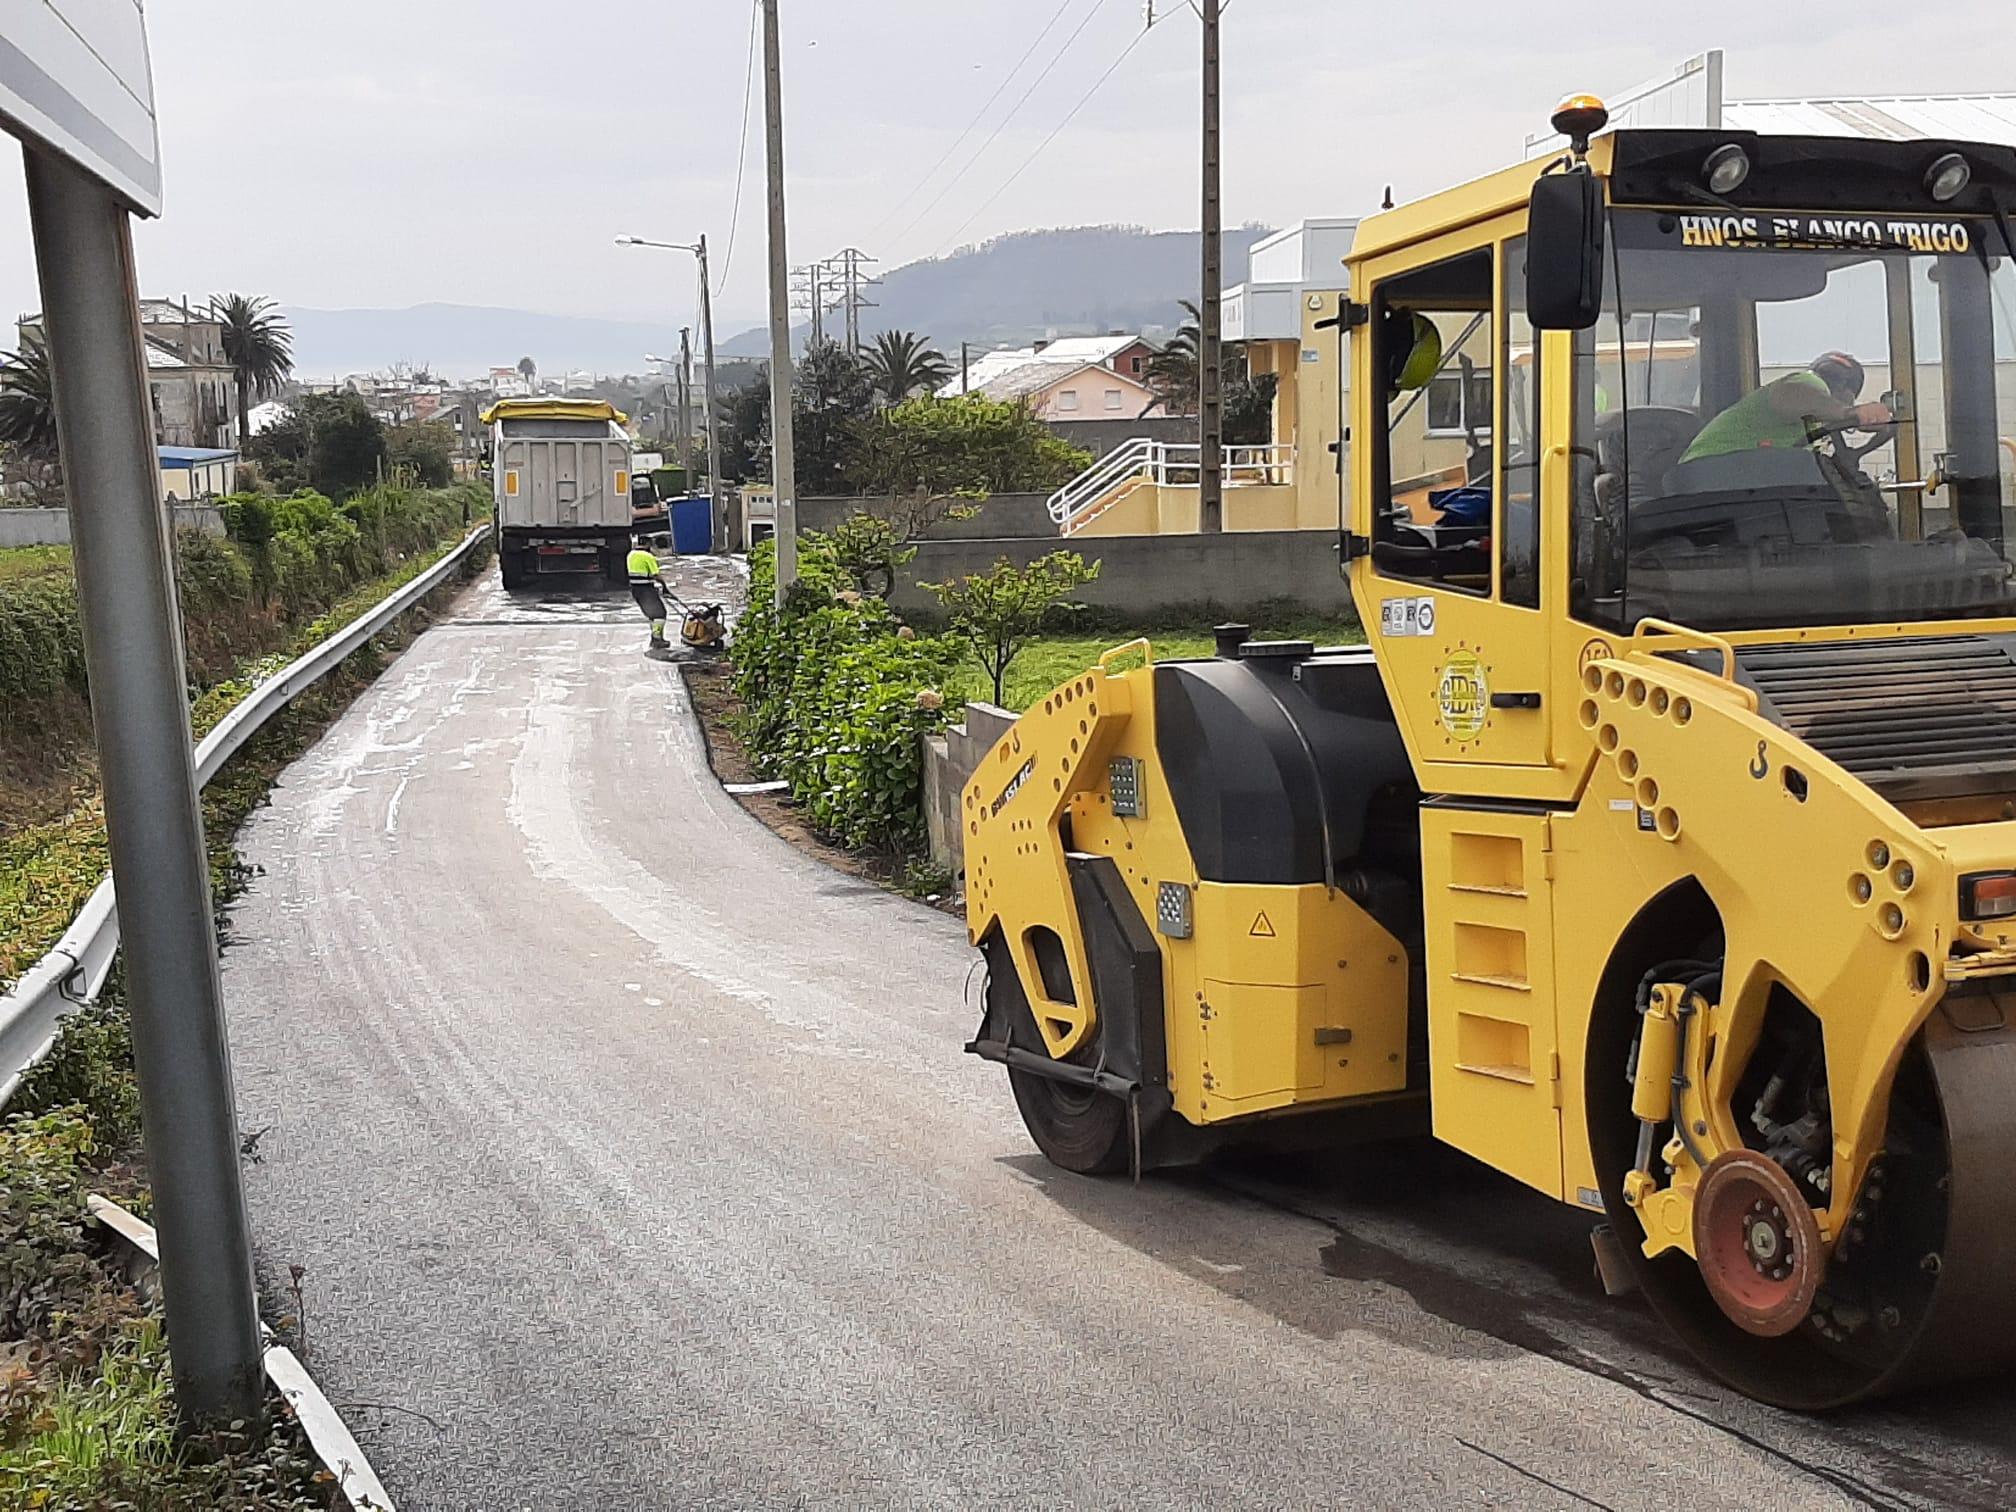 O Concello sigue mellorando os seus máis de 500 kms de pistas, con novas actuacións en Cangas, Nois, Fazouro e San Martiño